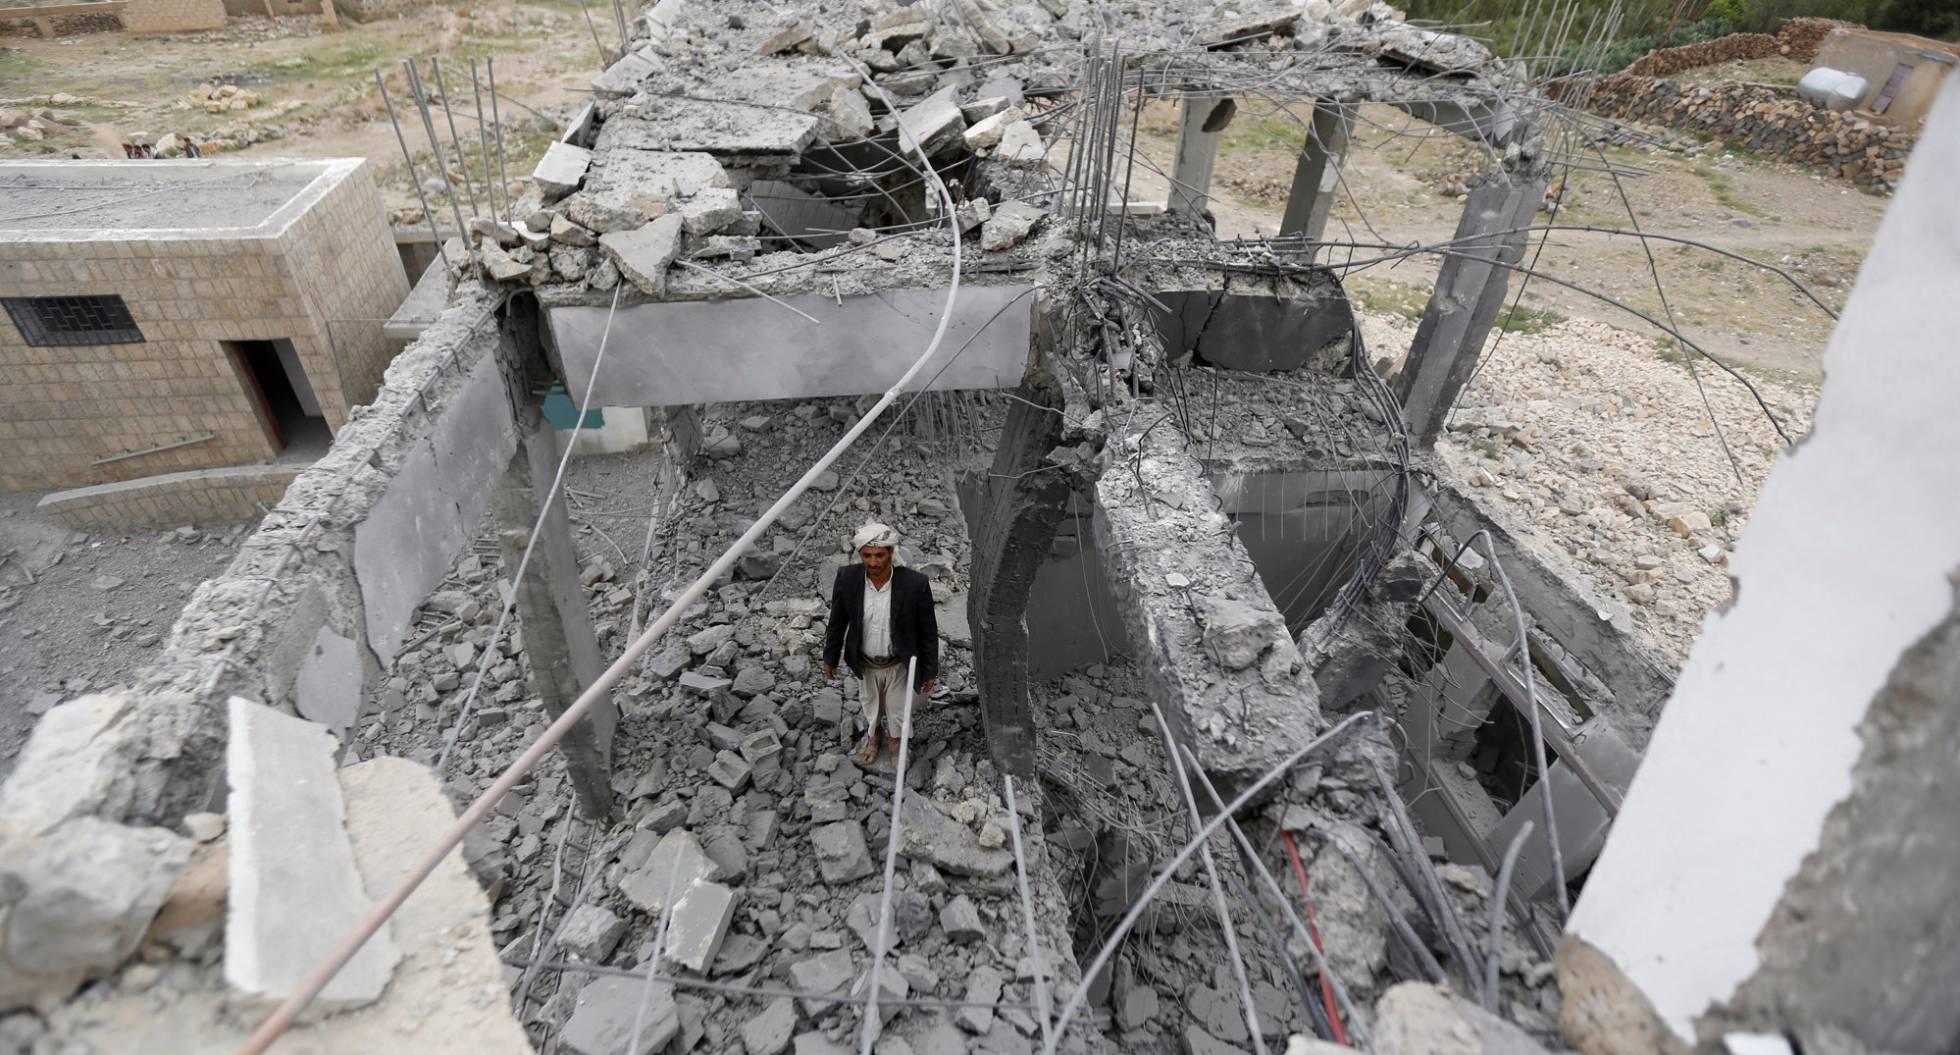 Conflicto en Yemen - Página 7 1473755701_727151_1473769244_noticia_normal_recorte1